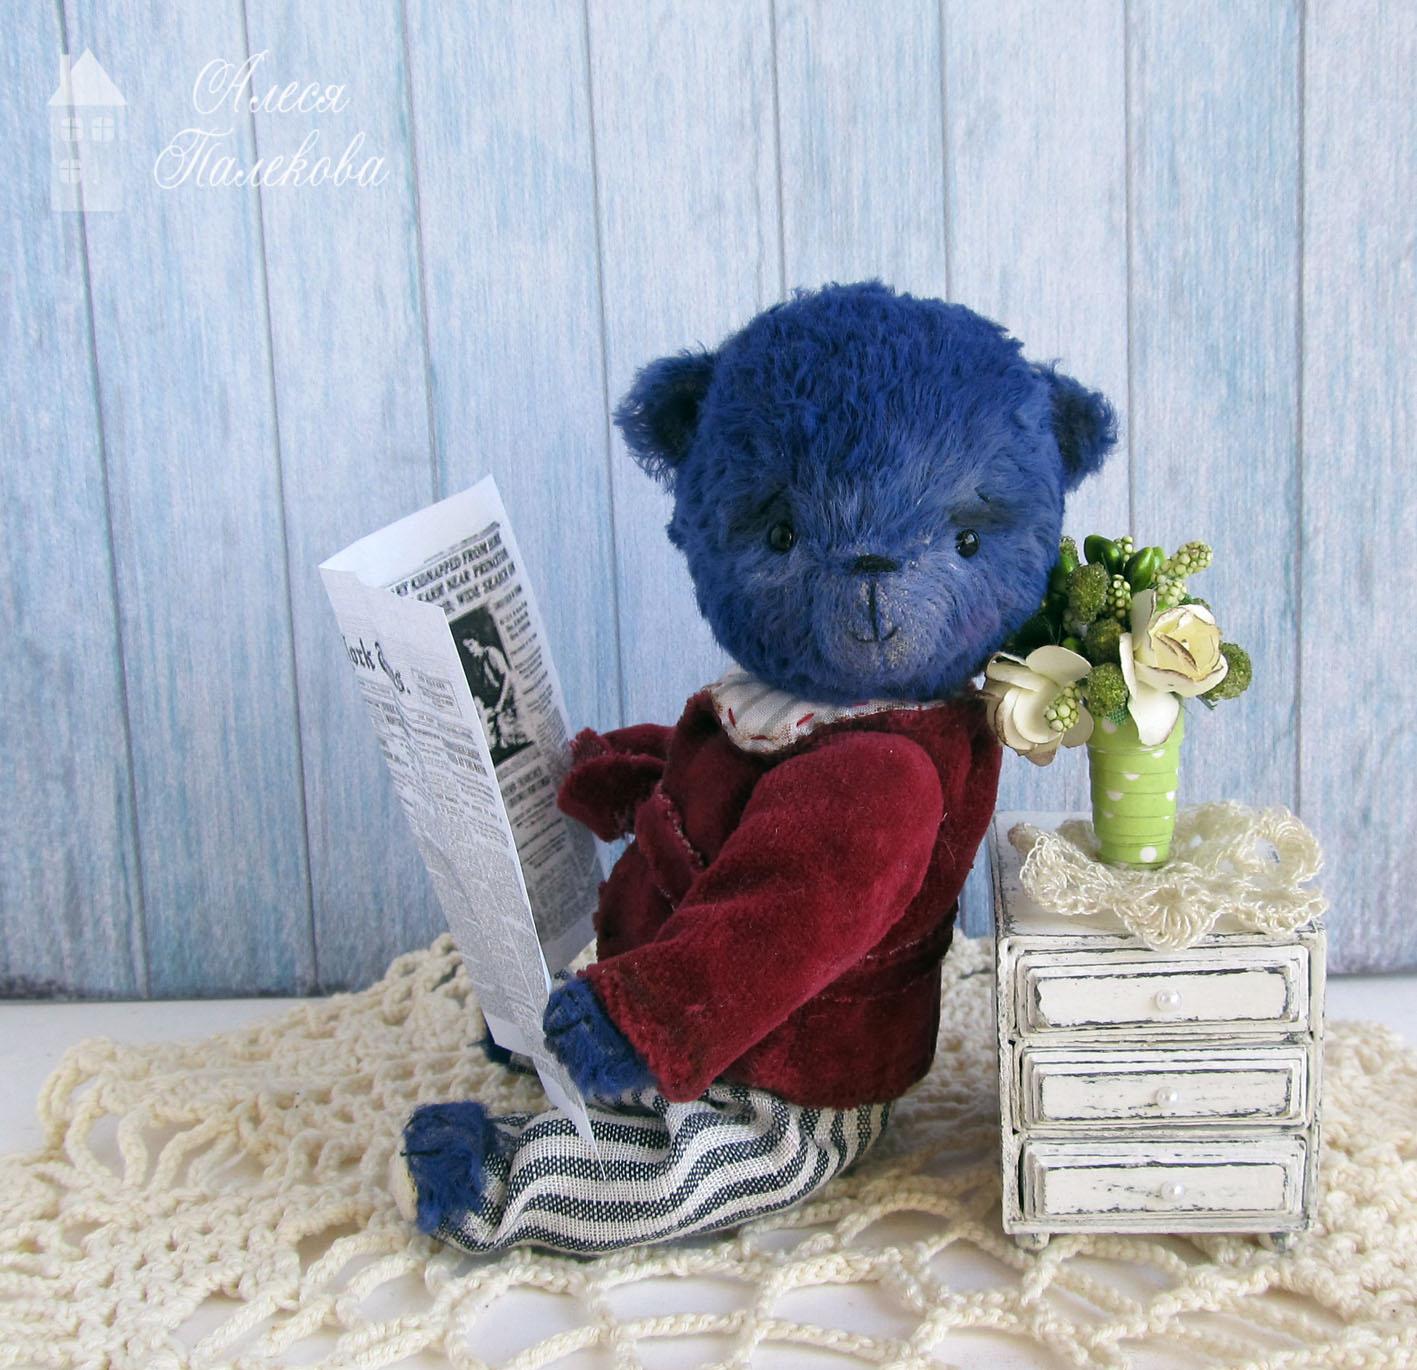 мишка, синий, мишутка, тедди мишка, мишка с газетой, винтажный мишка